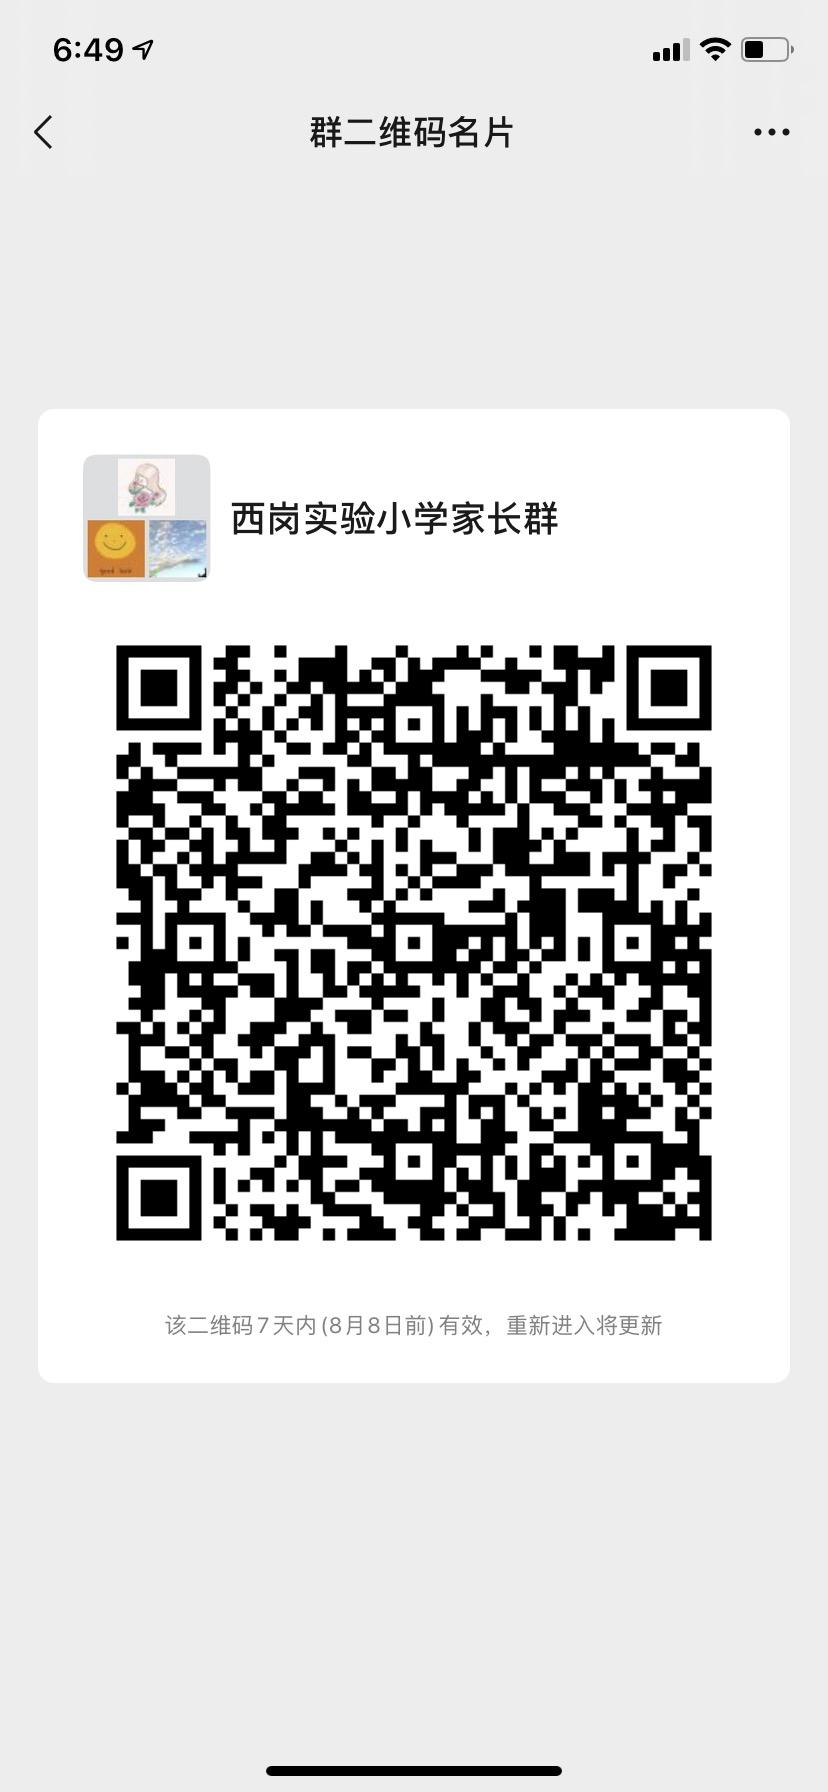 9DEC4184-3A34-4F9C-BA95-623B13D33F32.jpg